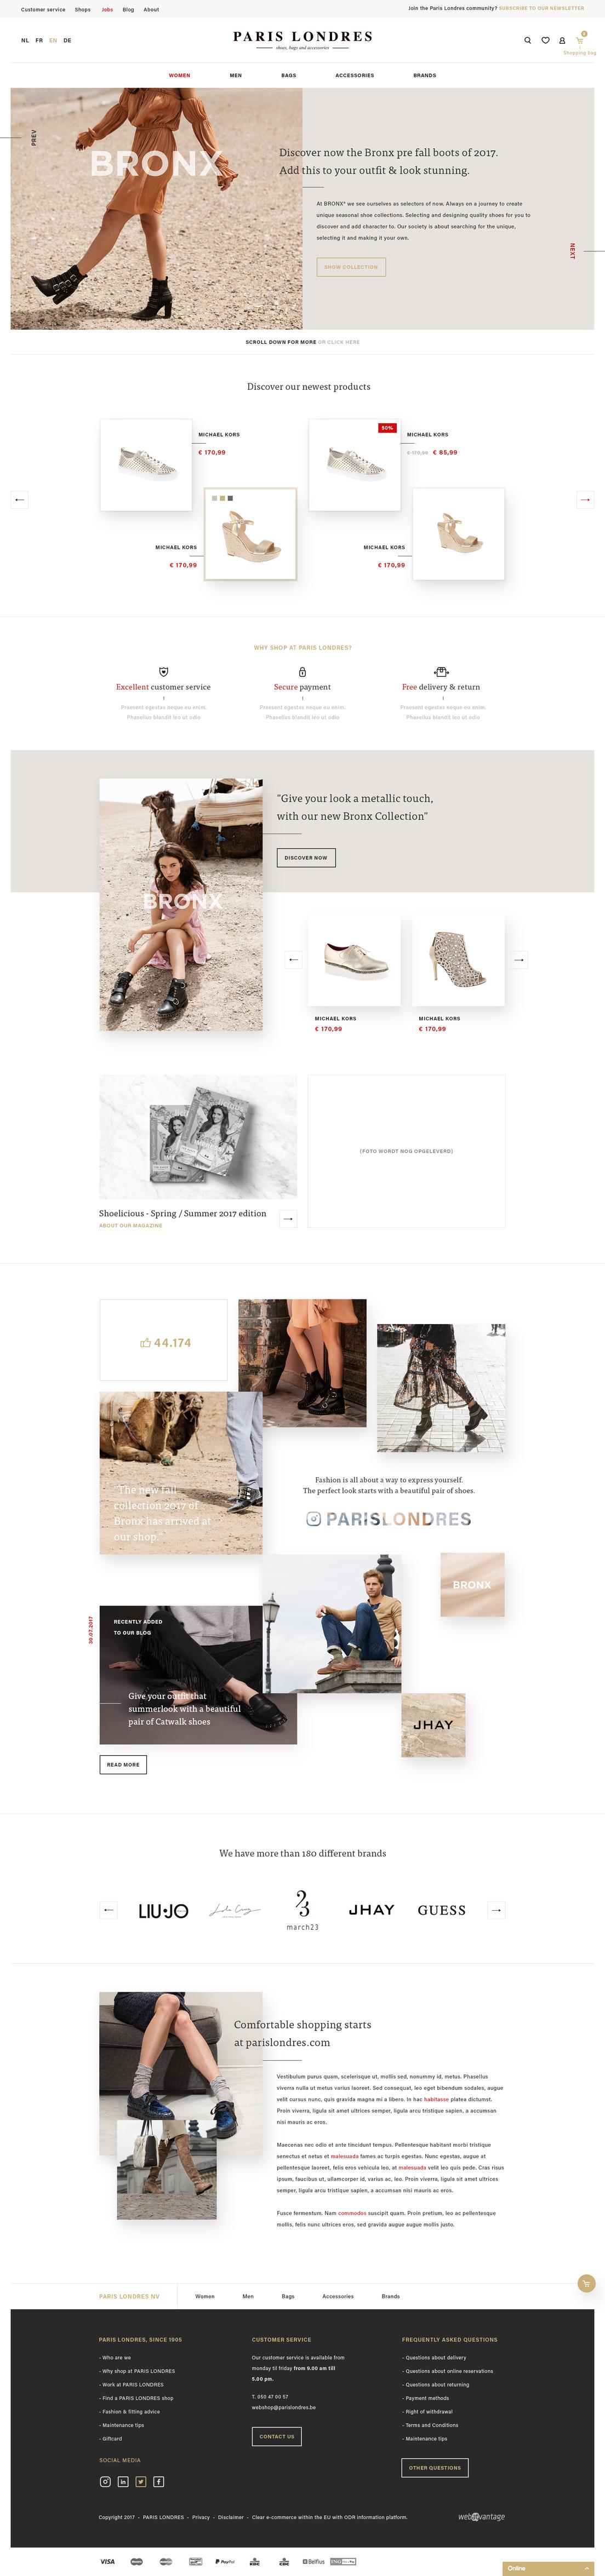 Webatvantage showcase - Project Paris Londres - Website